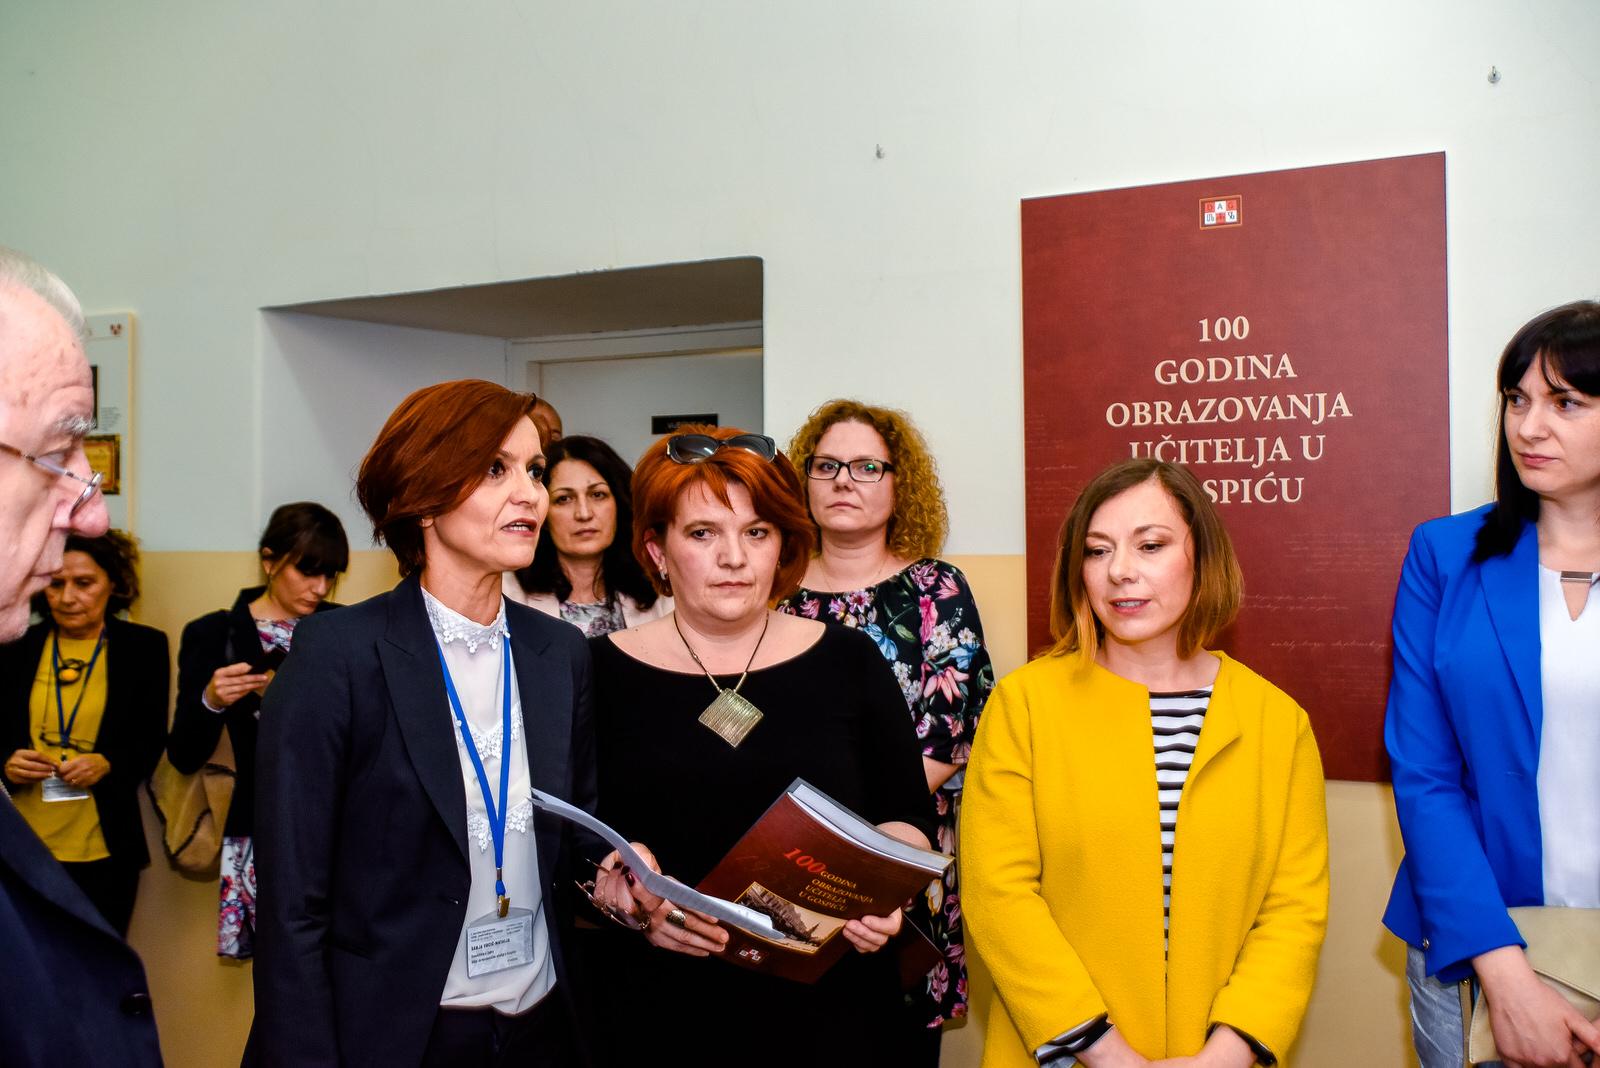 likaclub_gospić_100-godina-obrazovanja-učitelja-u-gospiću_2019-13